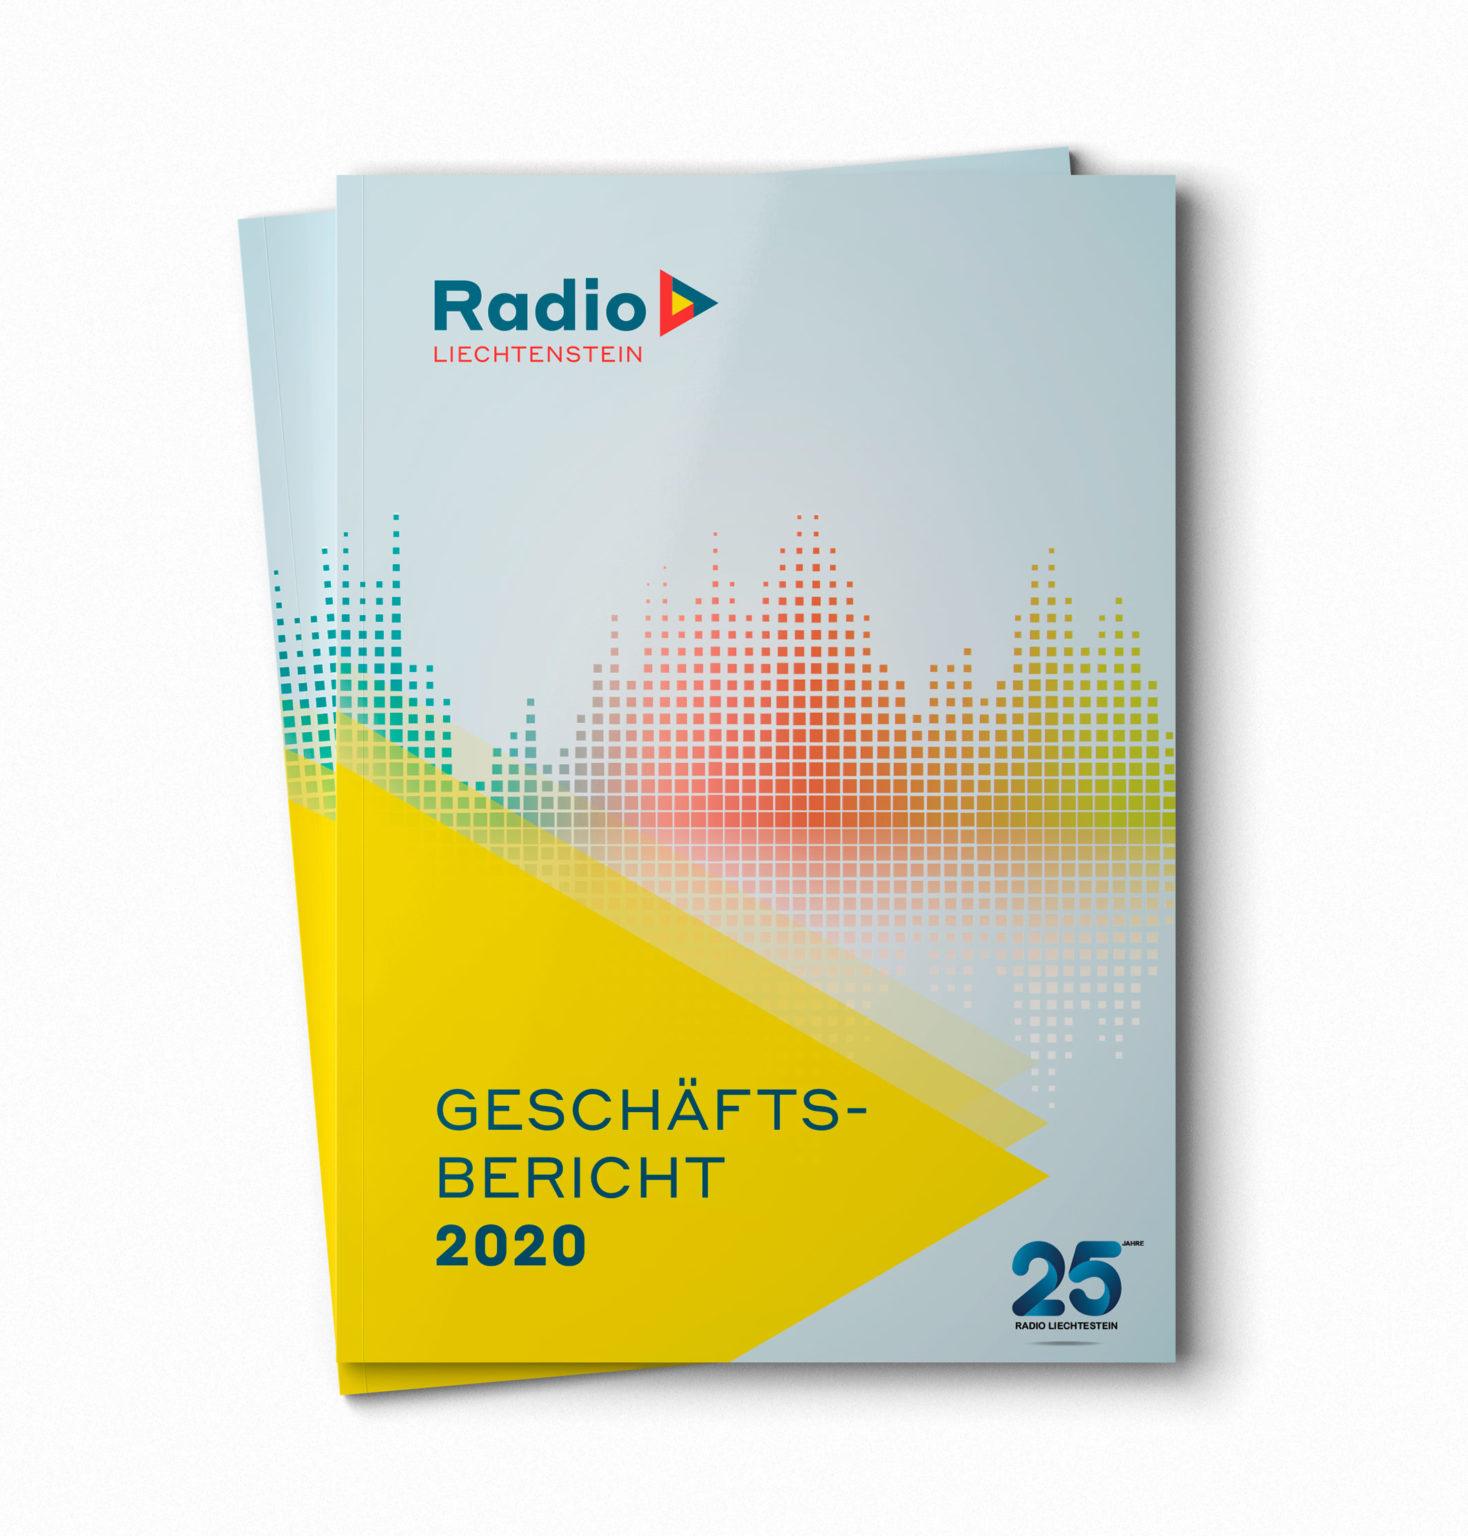 Radio-Liechtenstein_Geschäftsbericht_2020